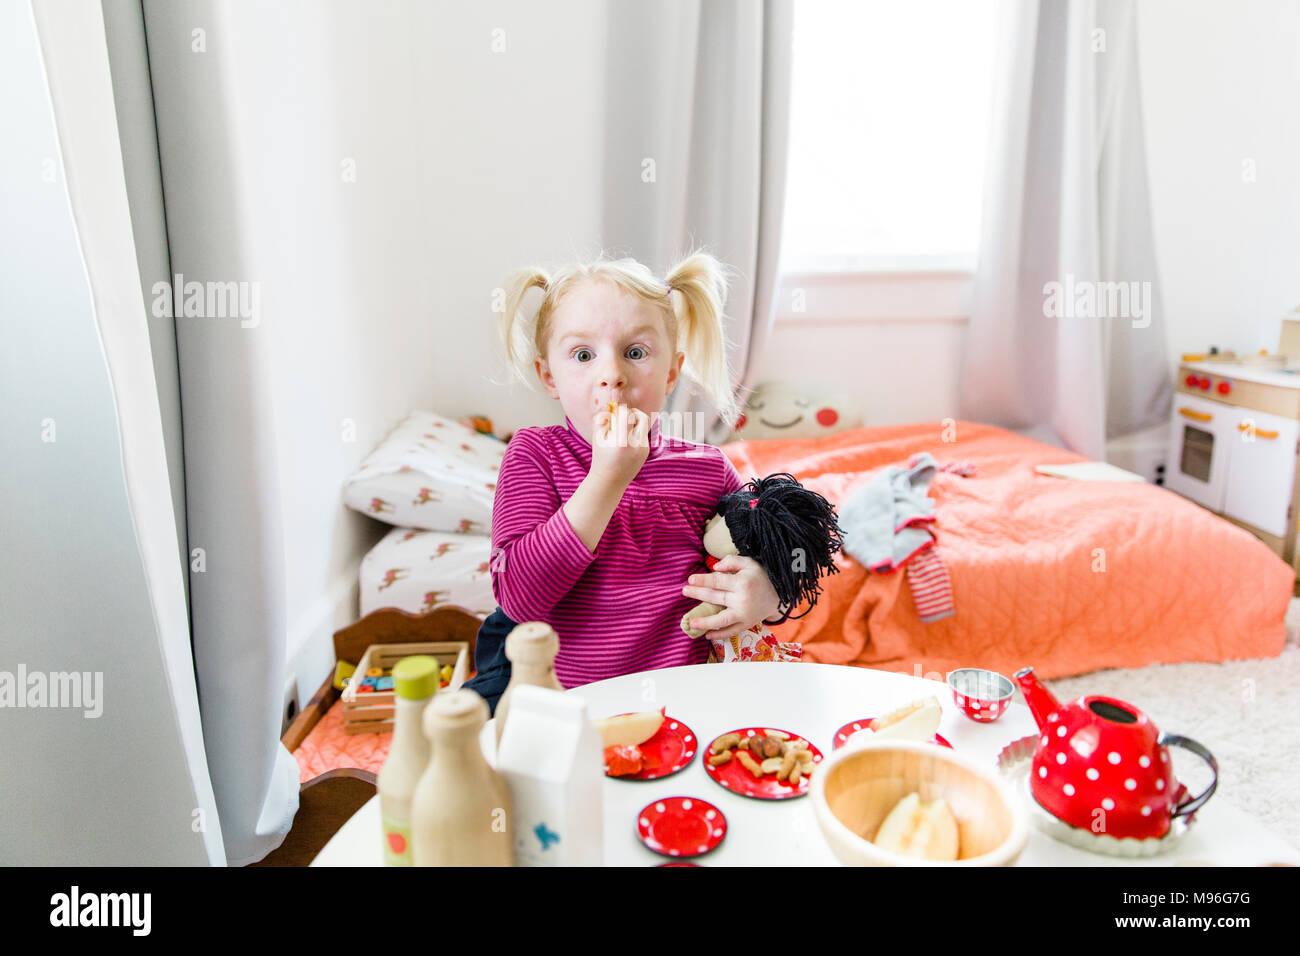 Fille assise à table avec alimentation poupée Photo Stock